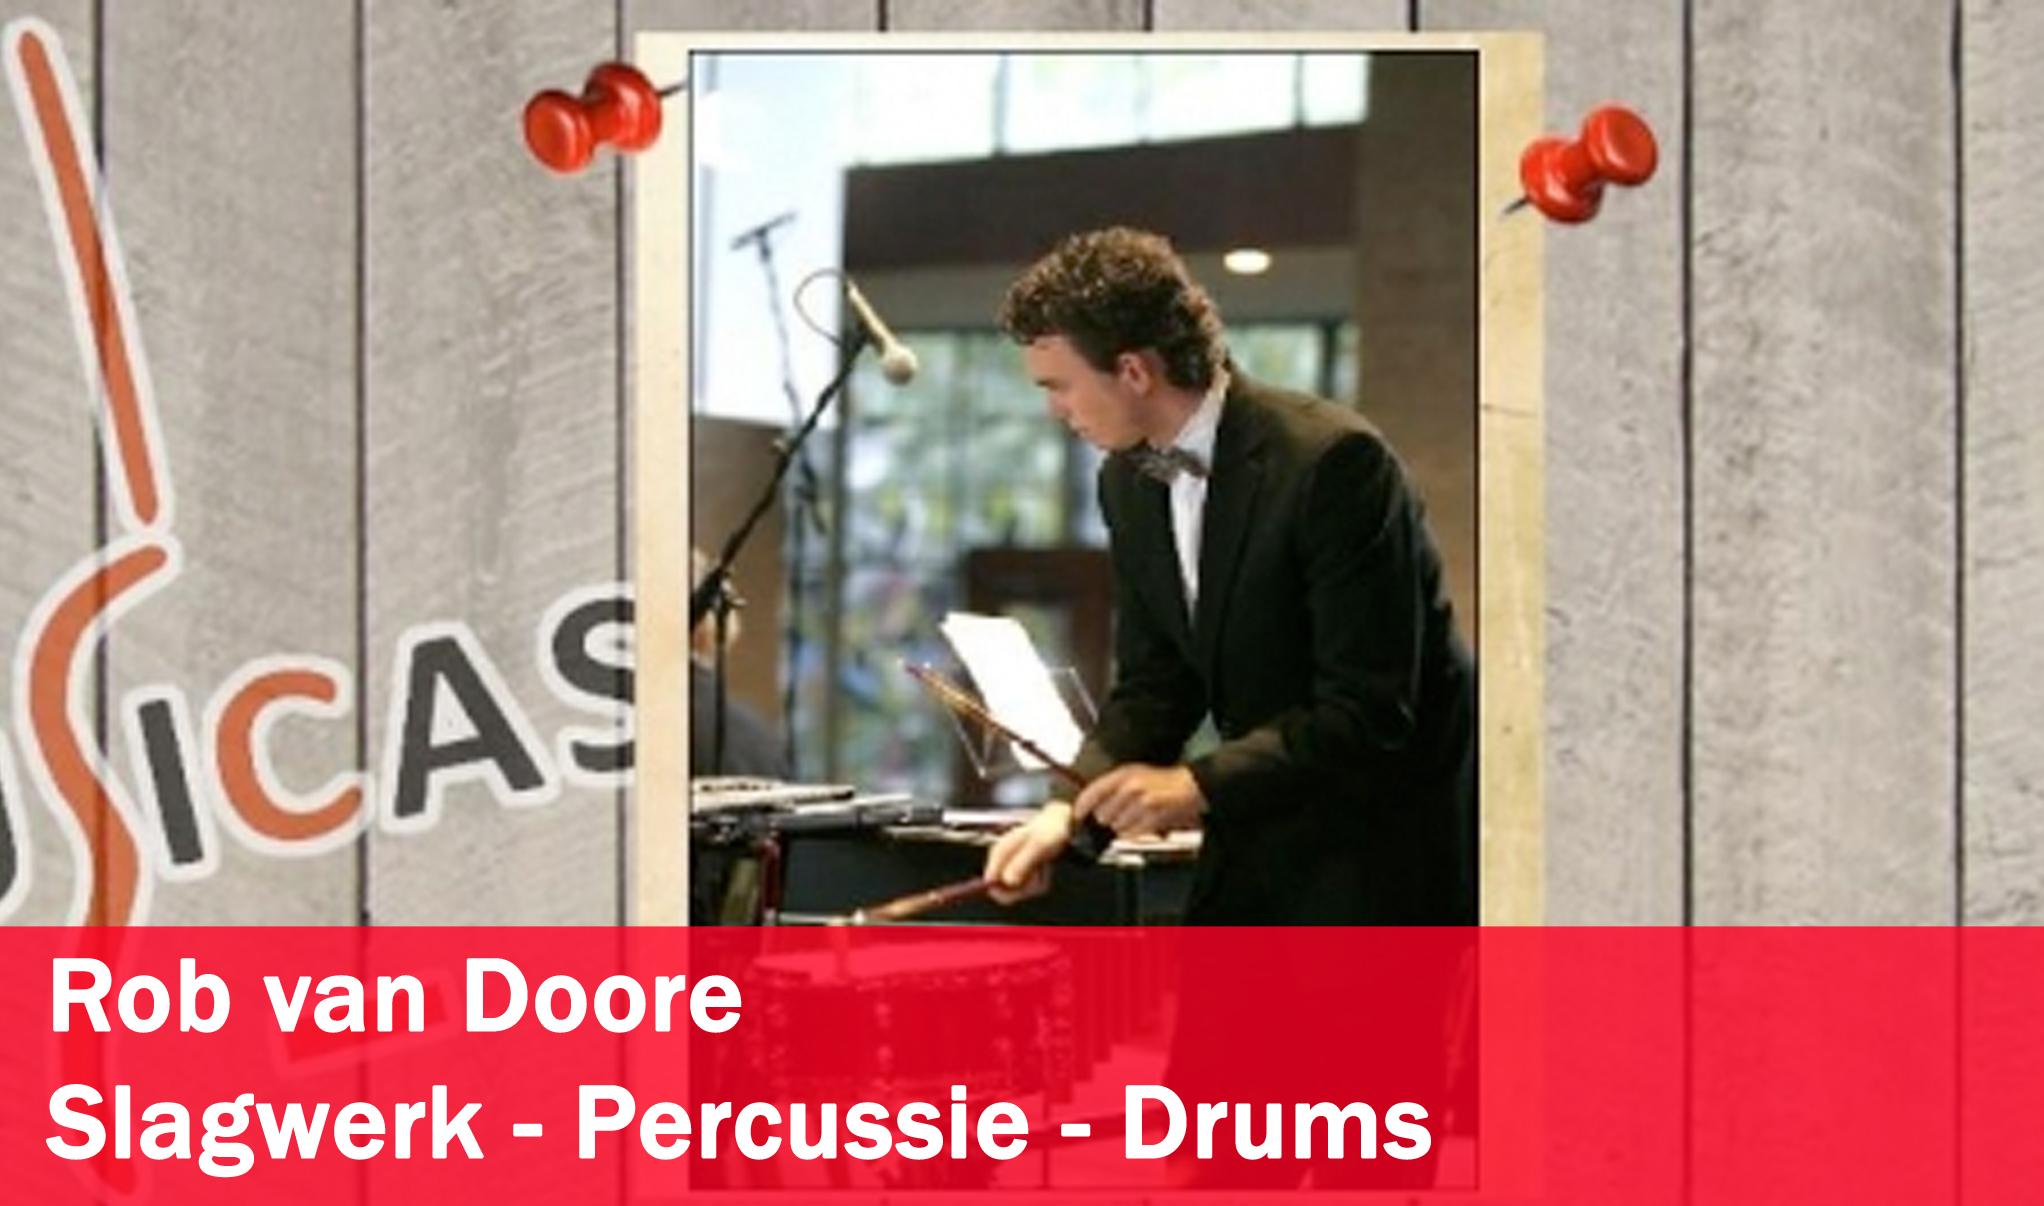 Rob van Doore <br>Slagwerk - Percussie - Drums